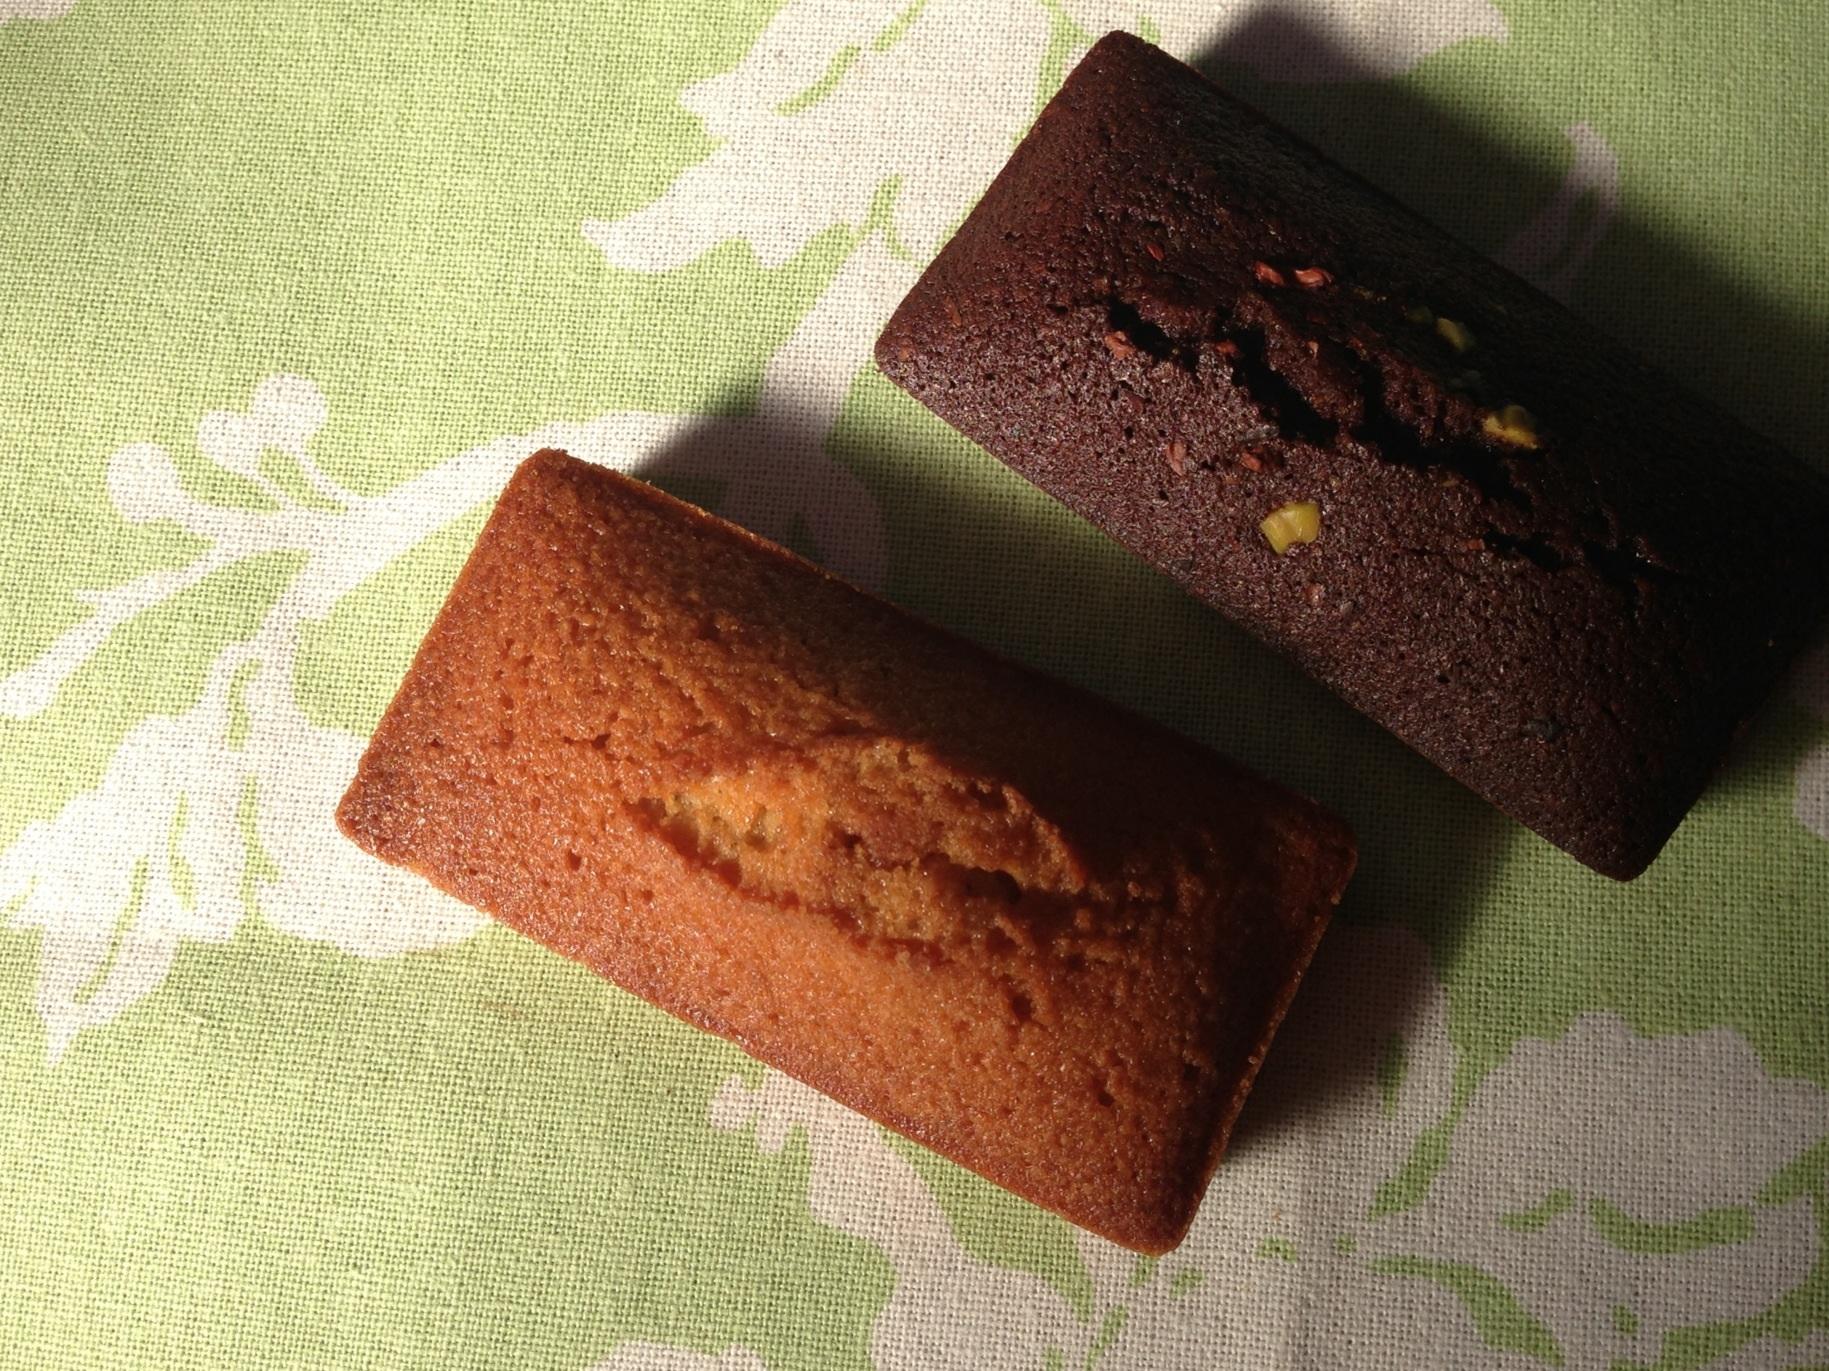 フィナンシェ&ショコラ・フィナンシェ(noix de beurre)